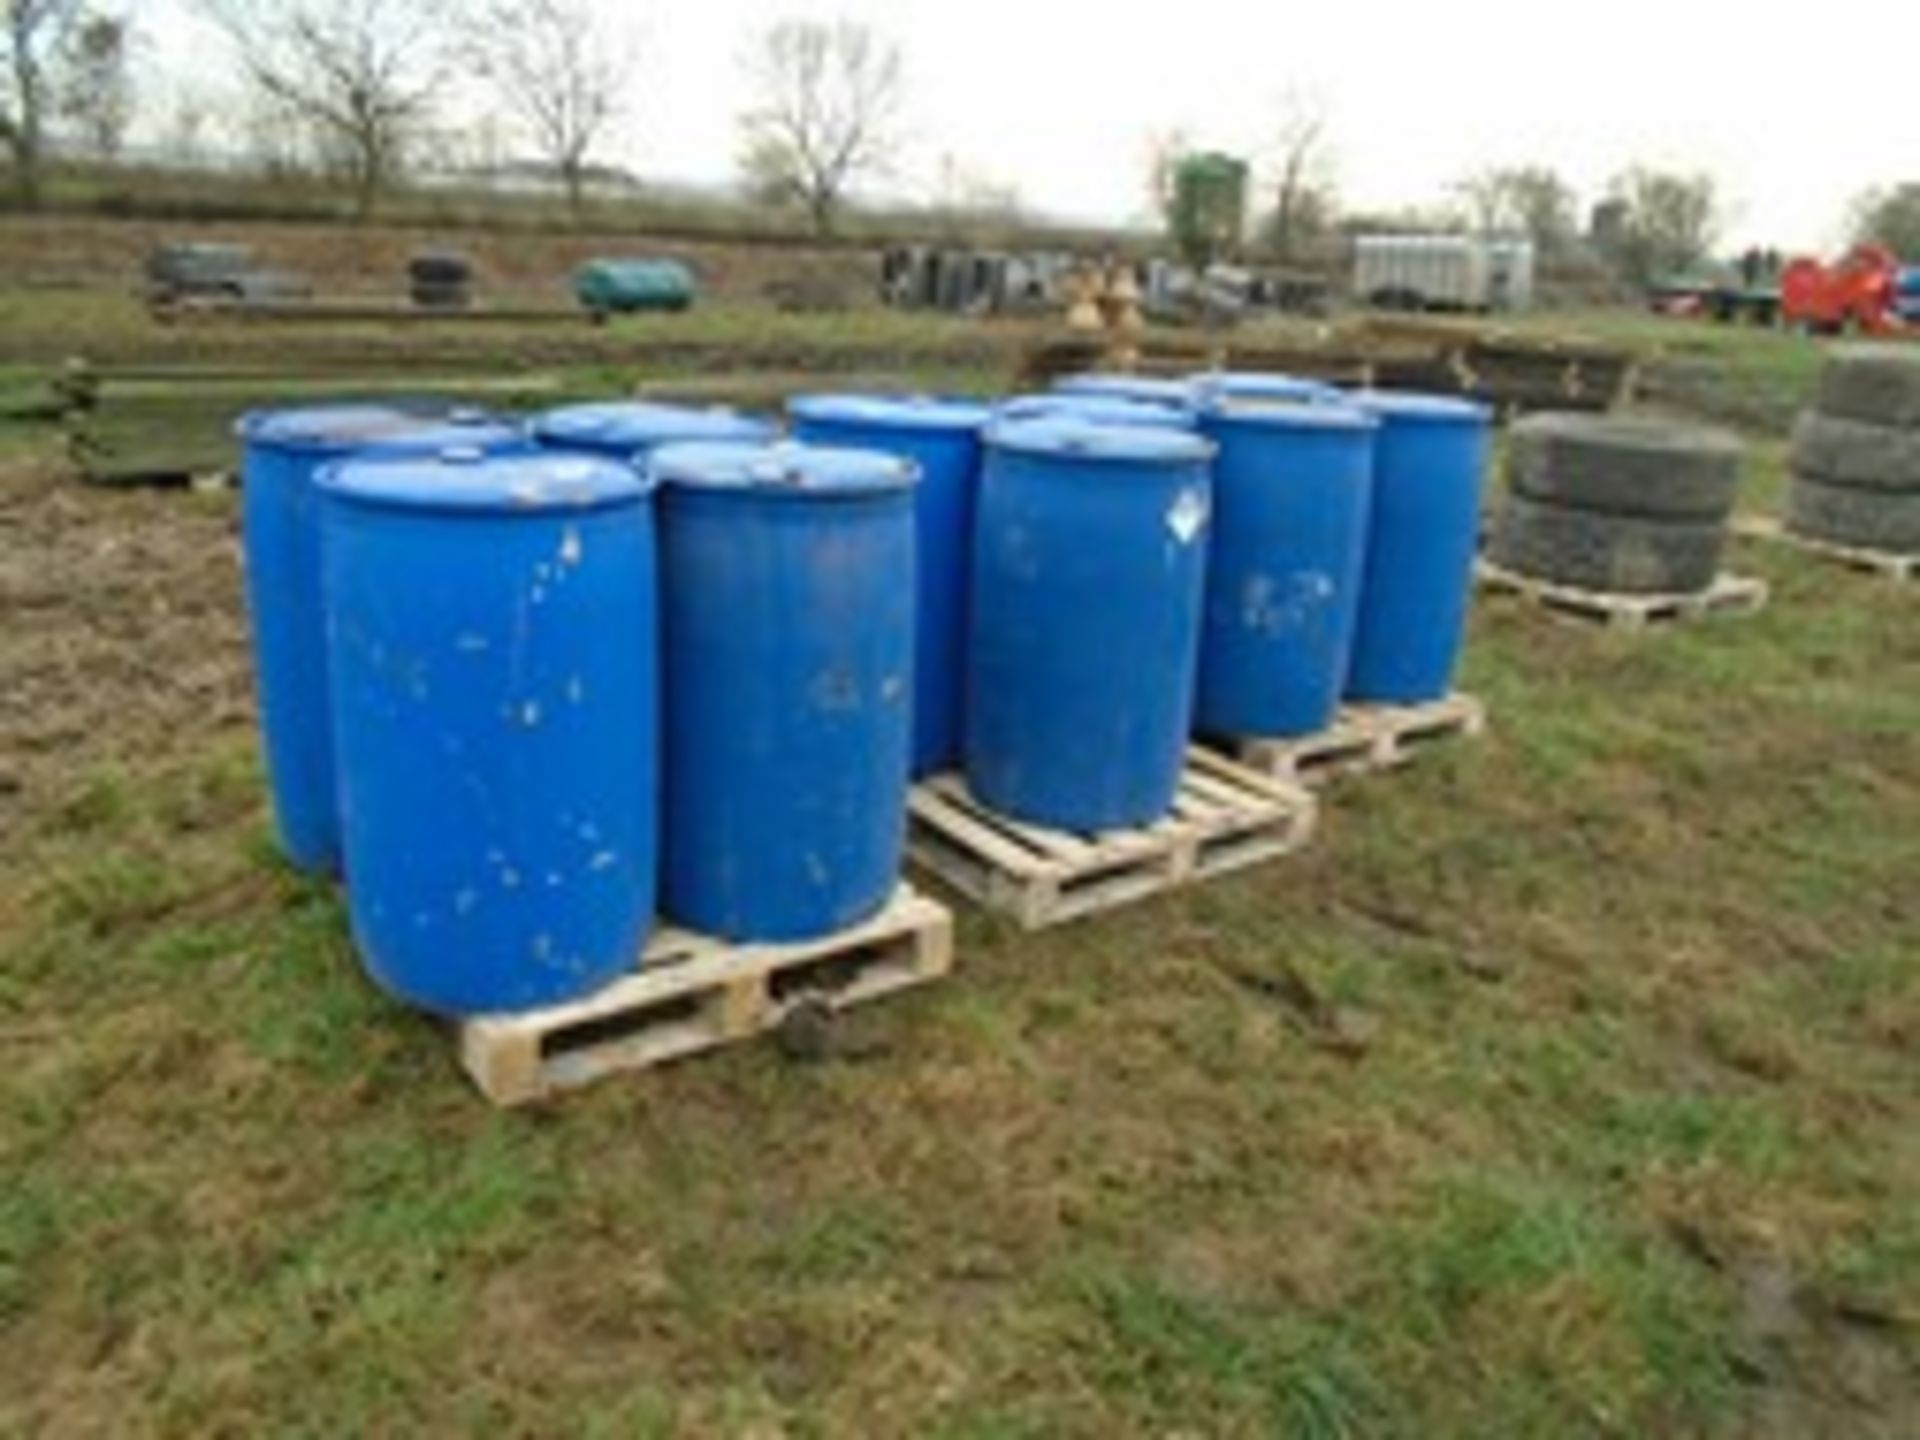 Lot 2 - 11 blue plastic barrels